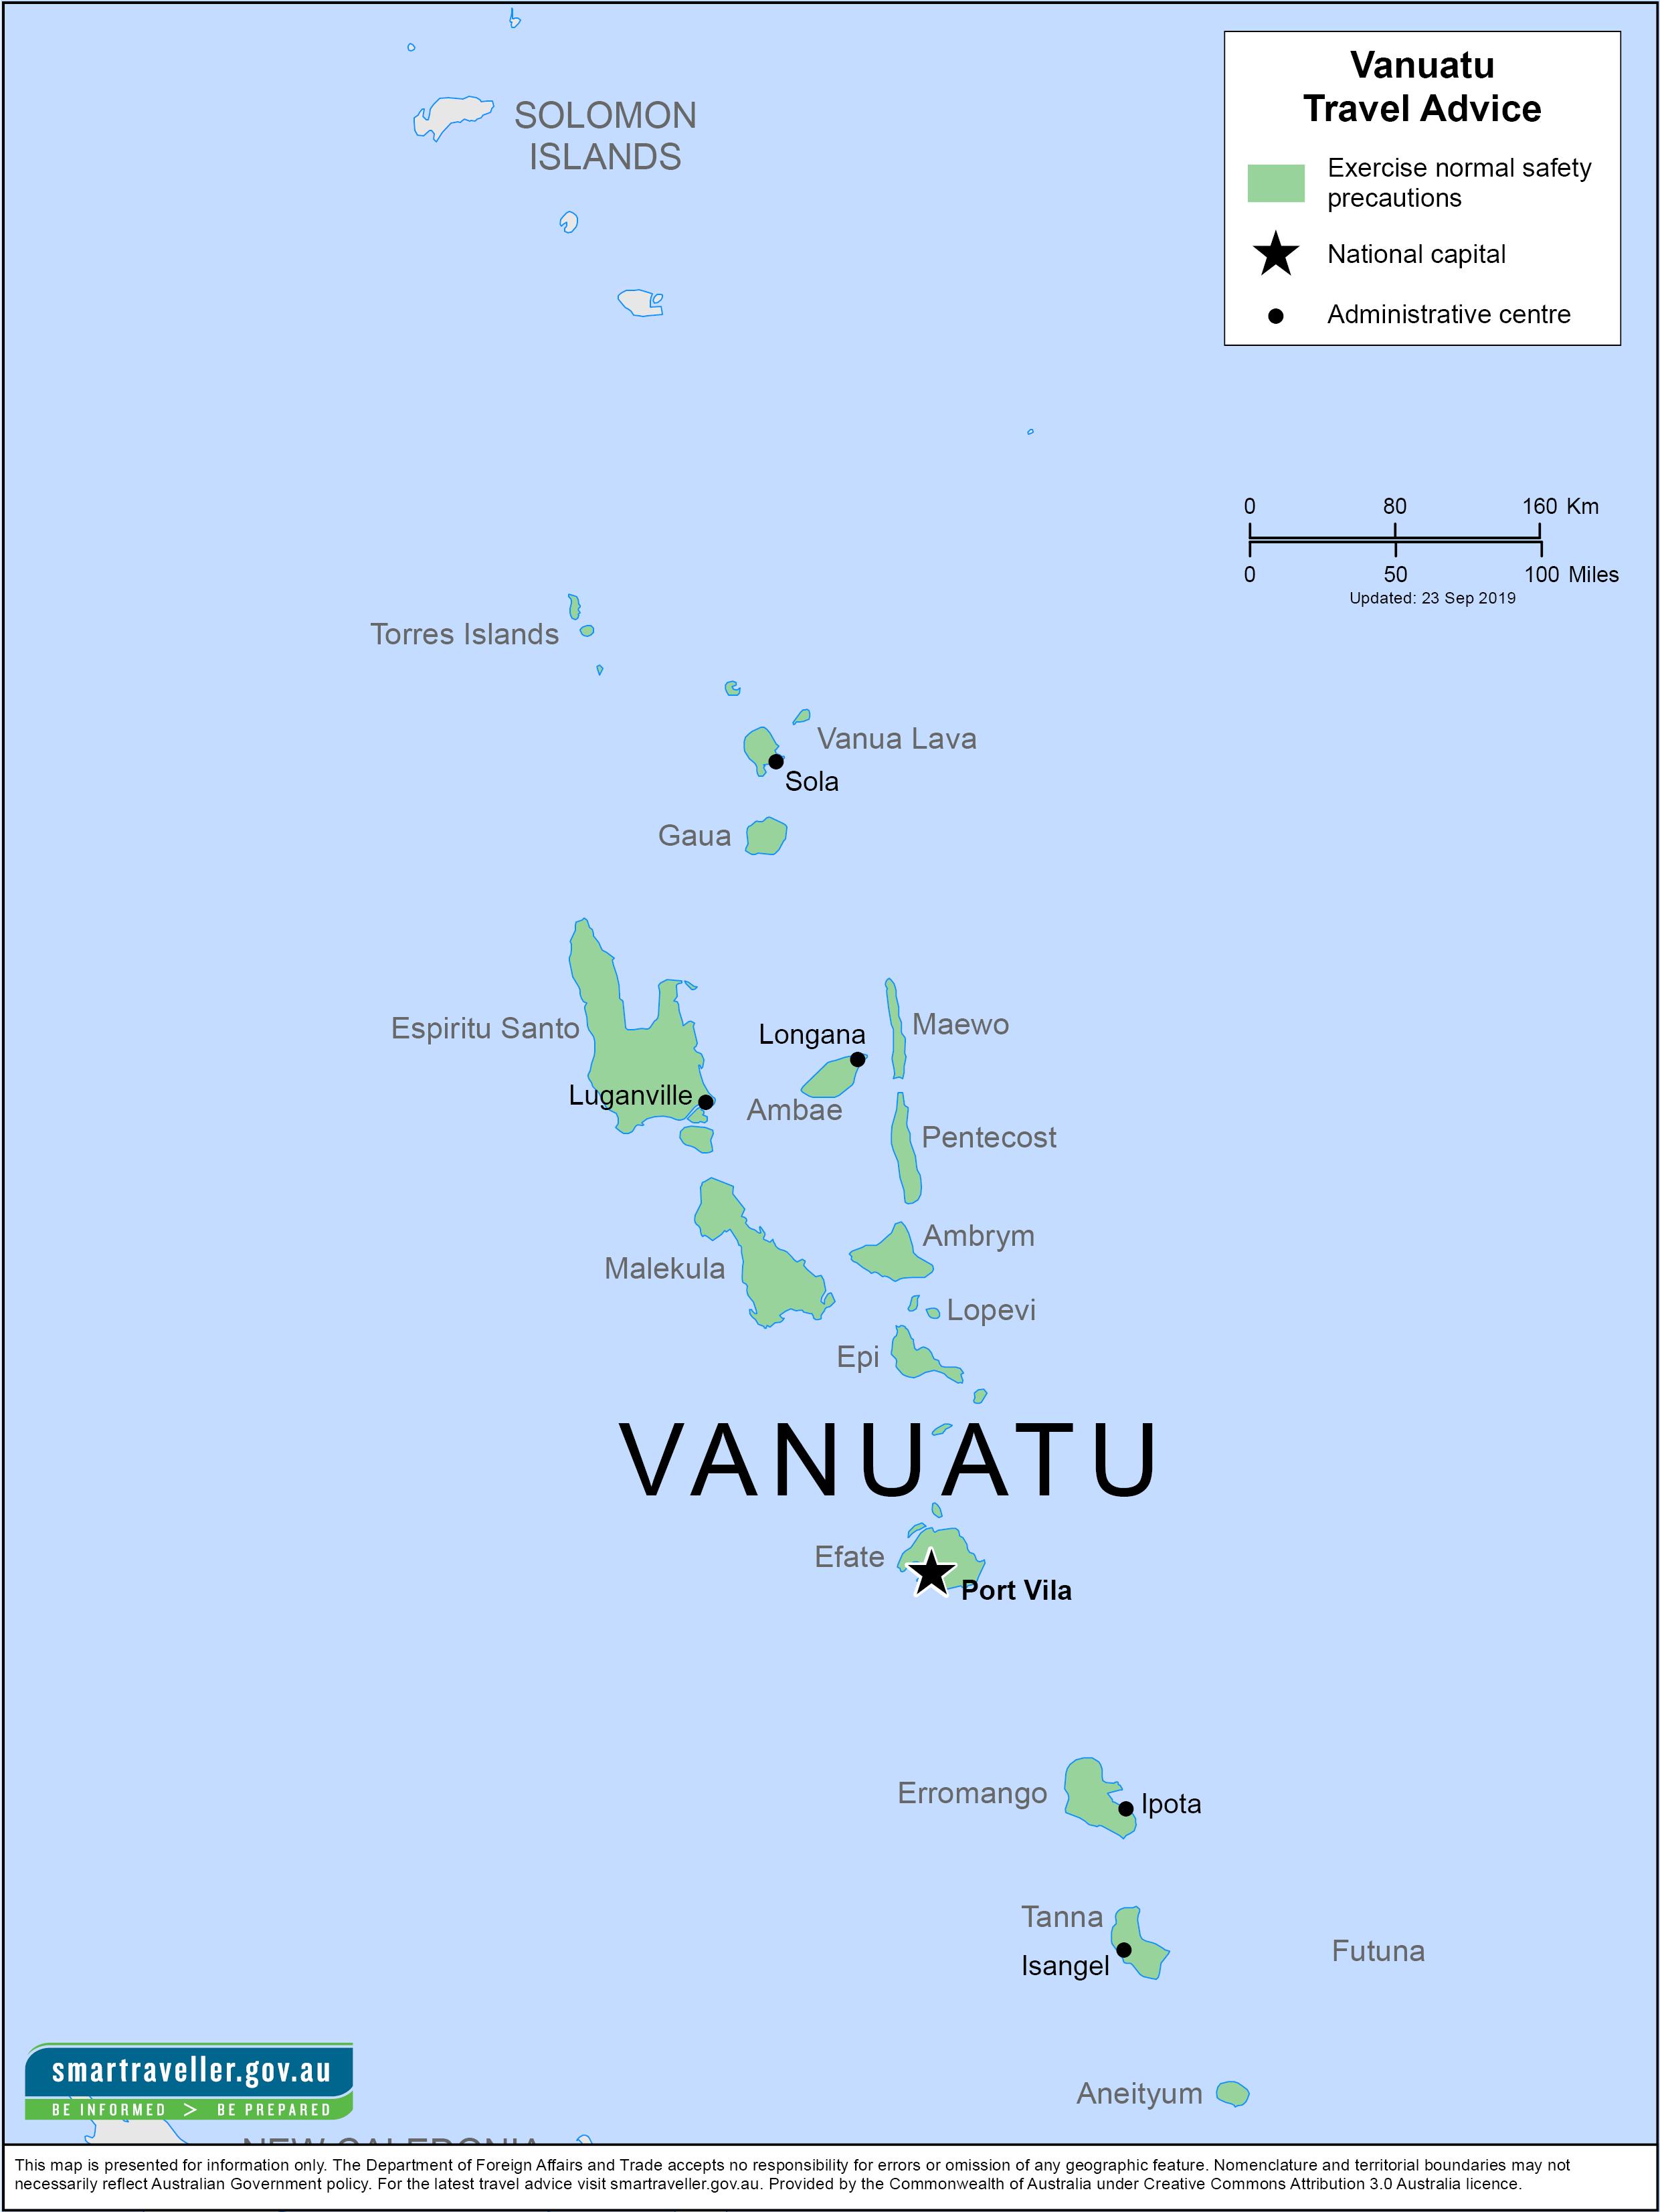 Vanuatu-Travel-Insurance | AardvarkCompare.com